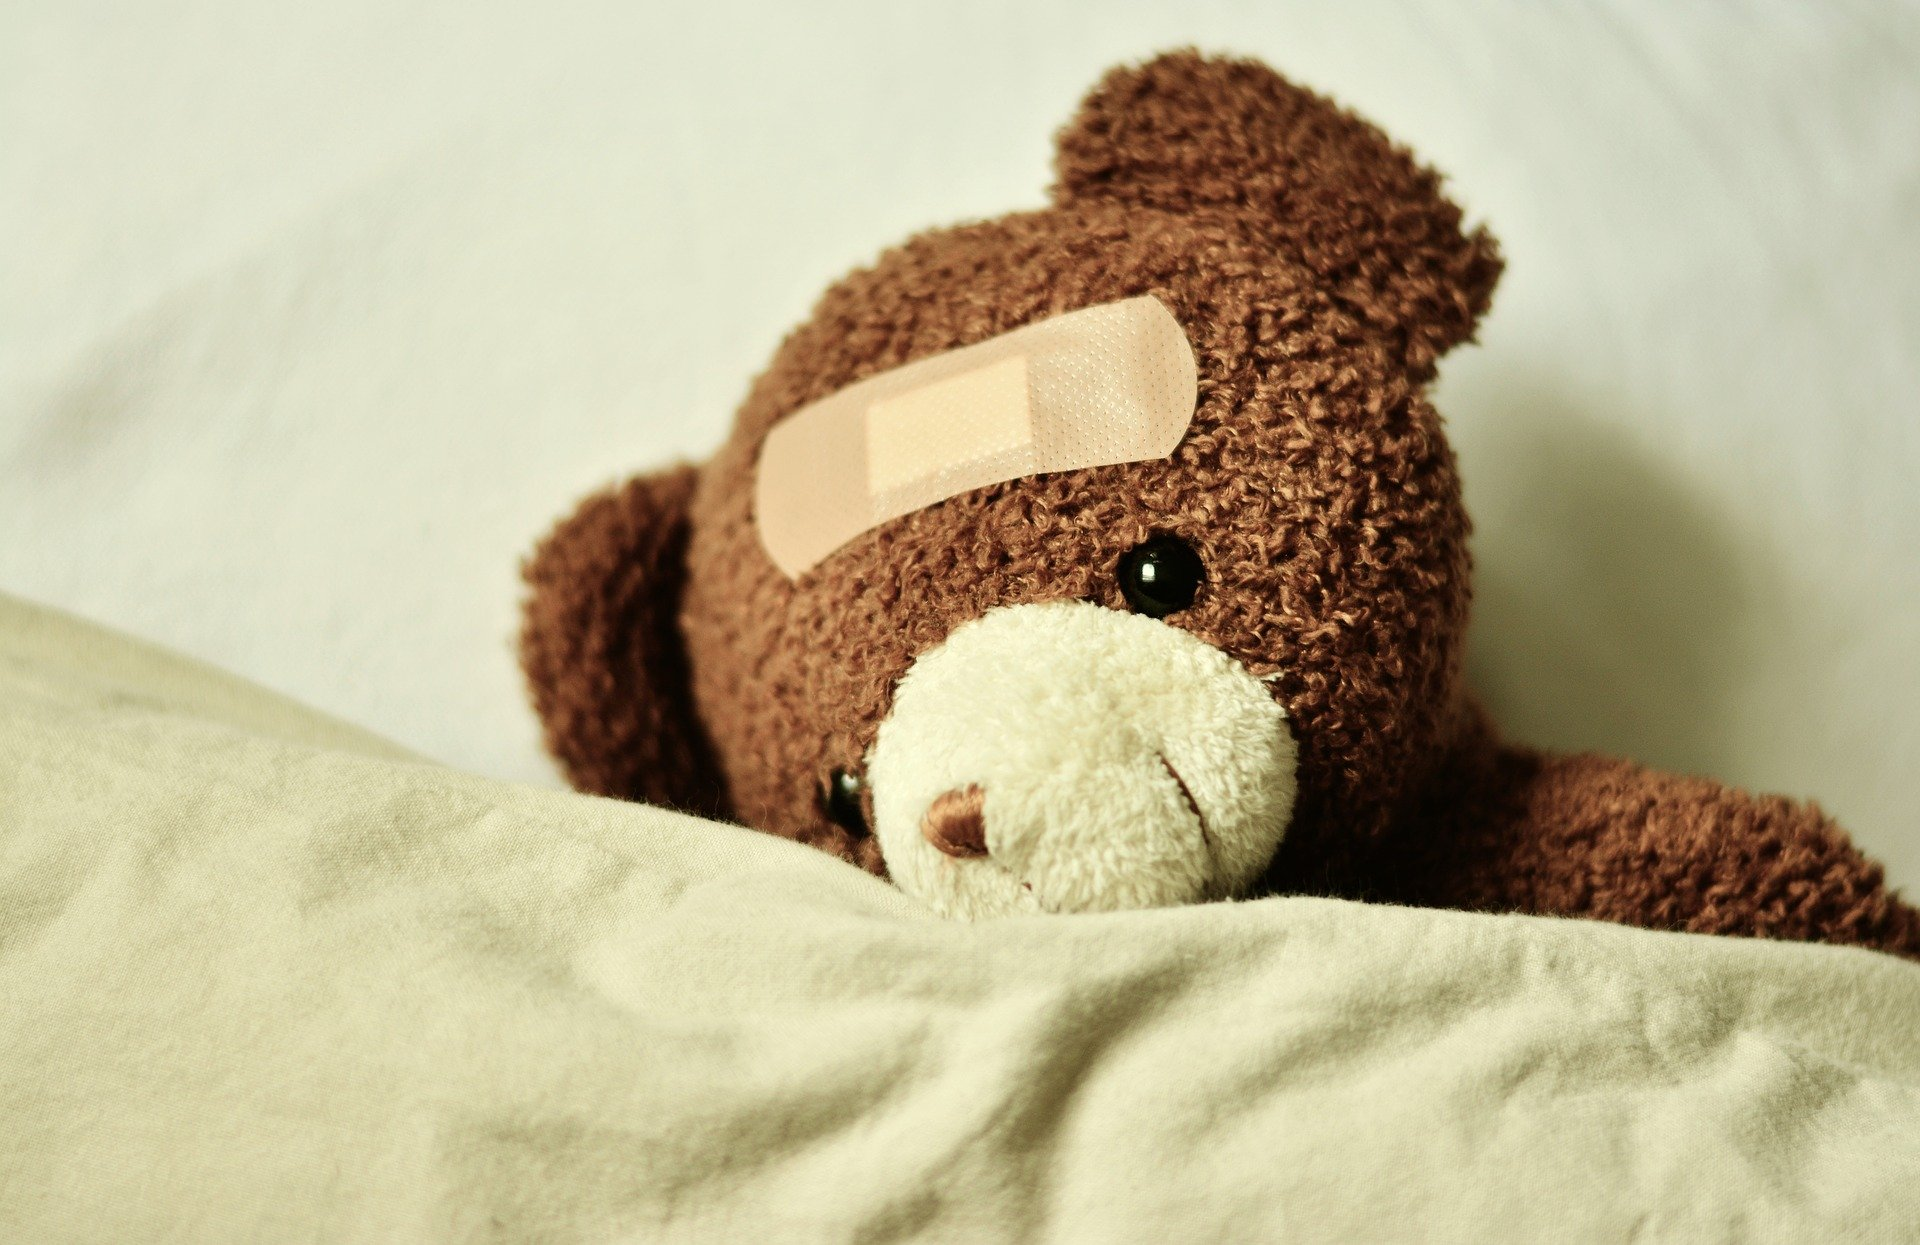 un orsacchiotto dentro il letto con un cerotto in testa